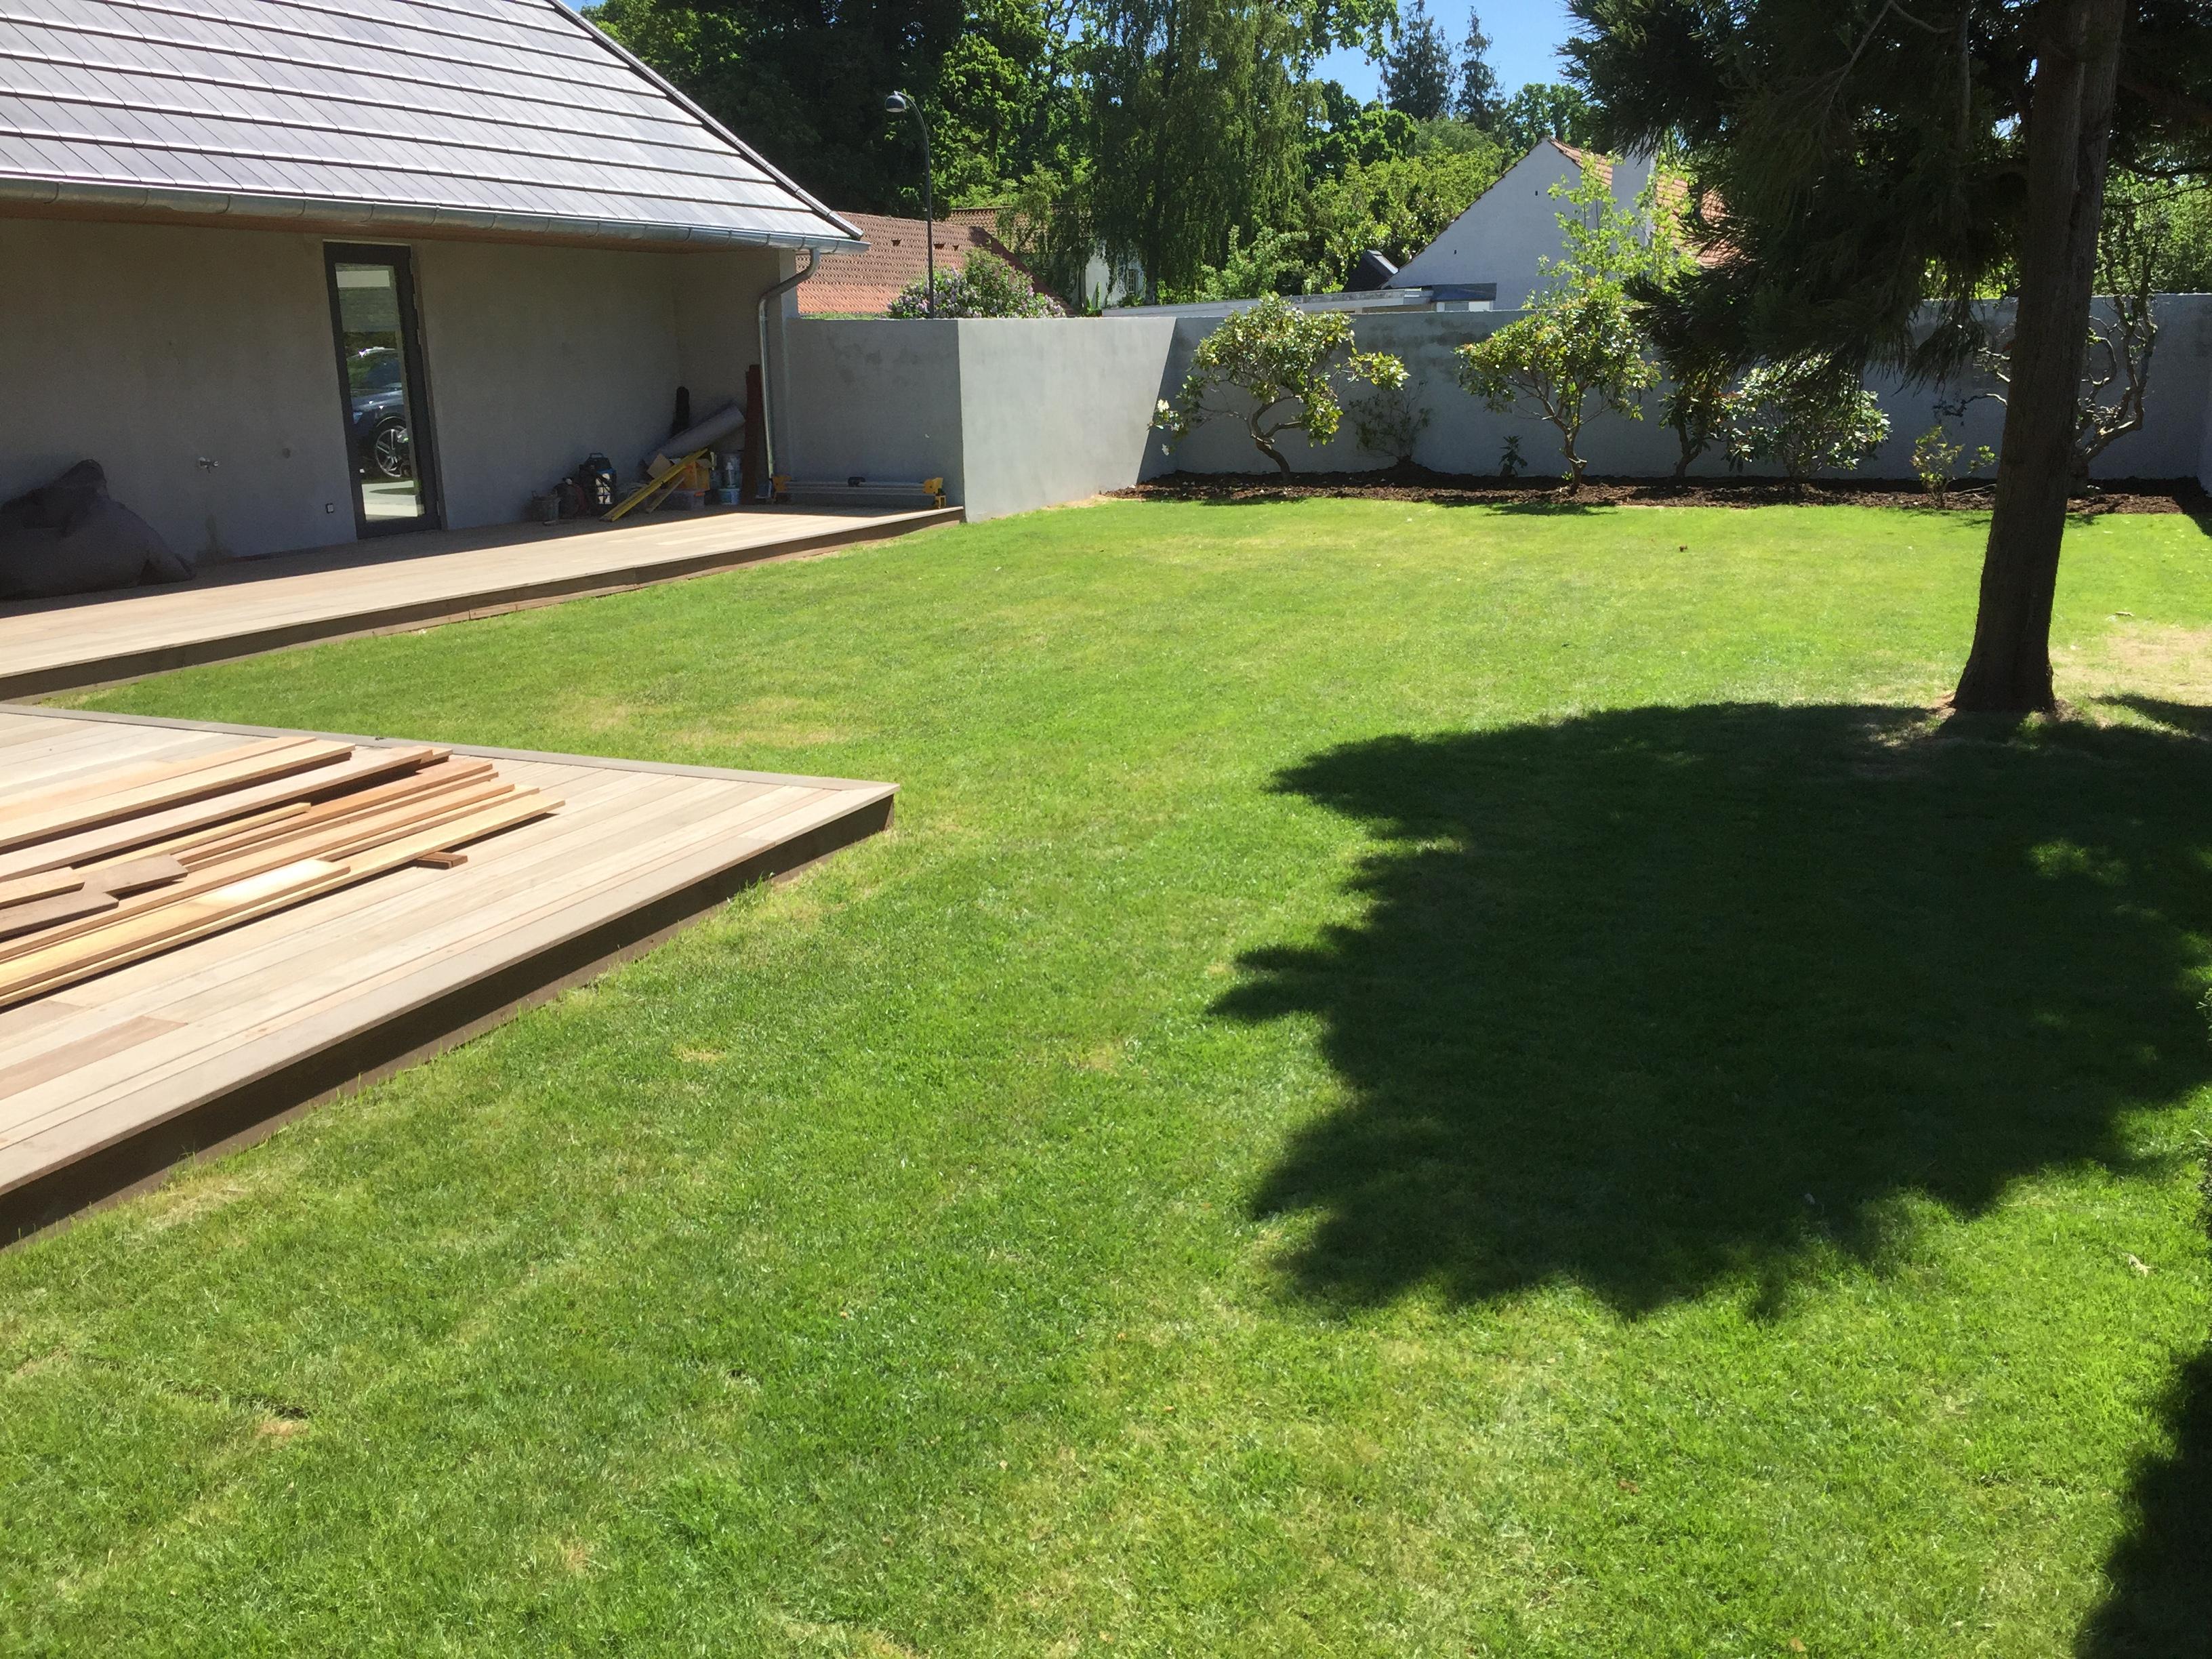 Ny lagt have i Charlottenlund - ny græsplæne med rullegræs